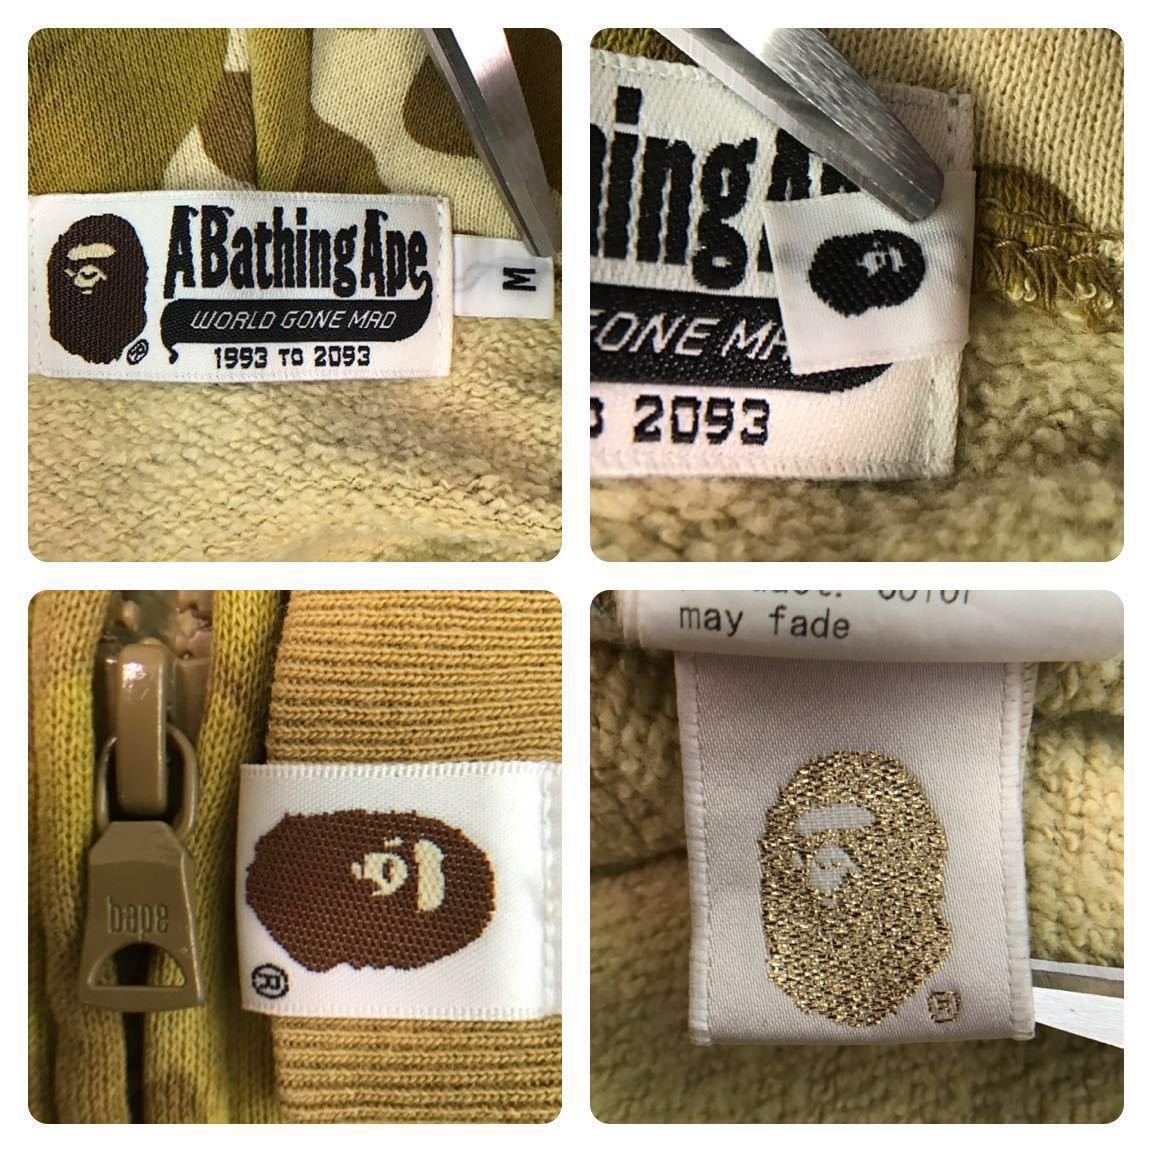 ★非売品★ ゴールド カラーカモ パーカー Mサイズ a bathing ape bape hoodie gold card limited color camo エイプ ベイプ nigo